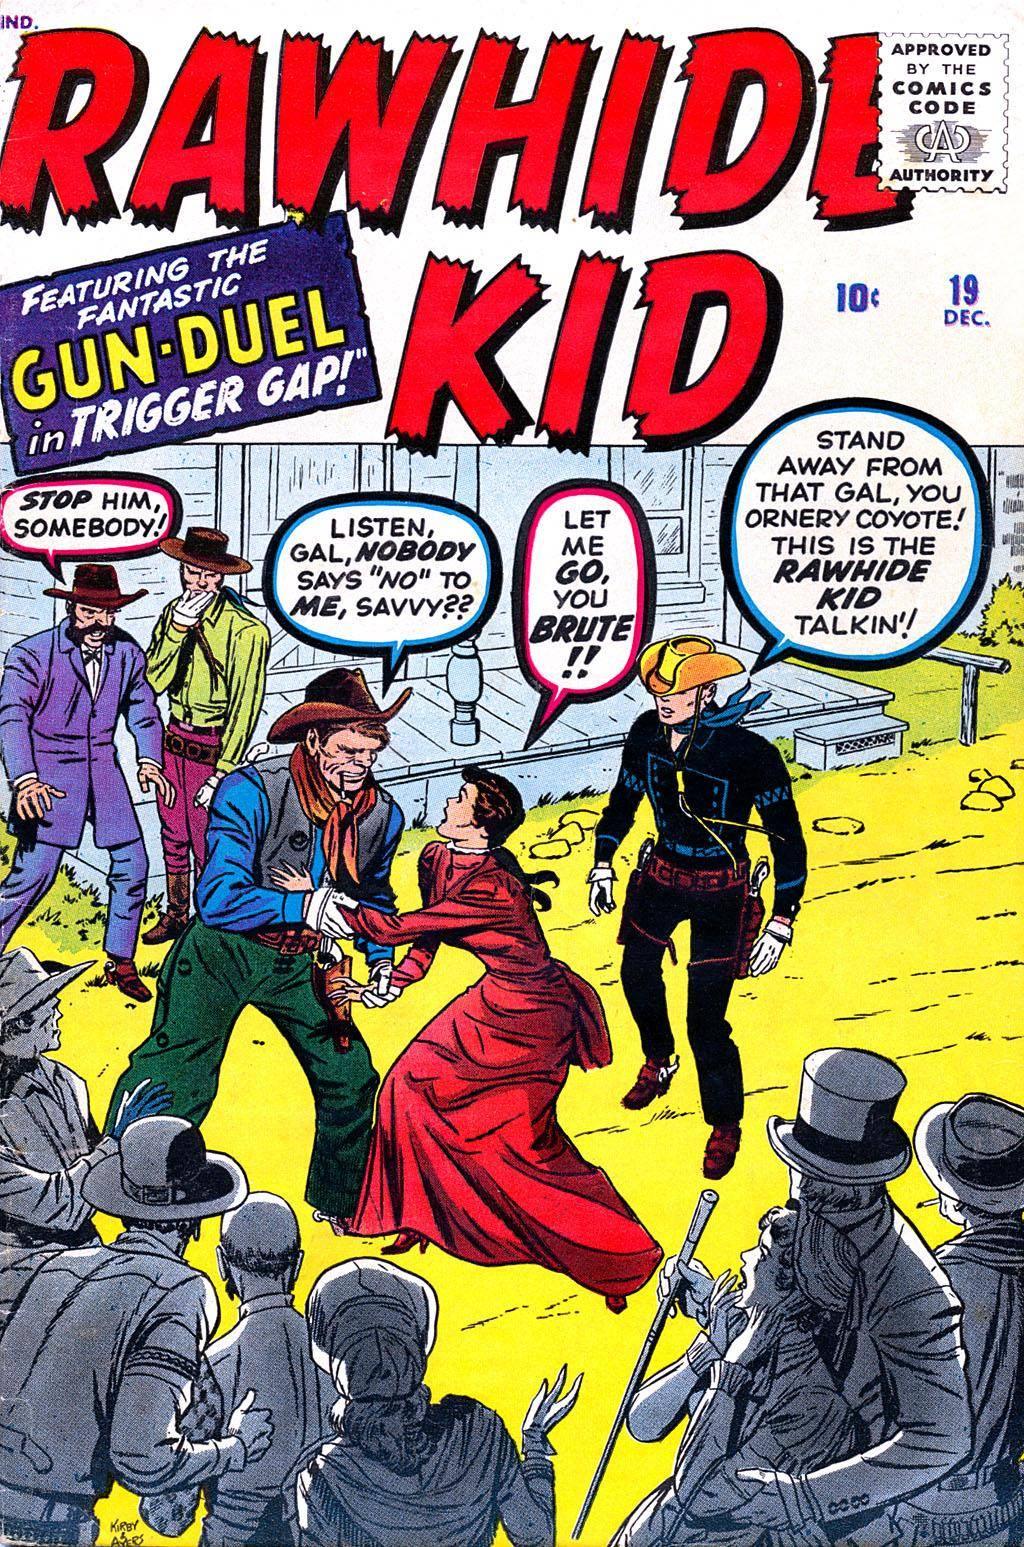 Rawhide Kid v1 019 1960 Pmack